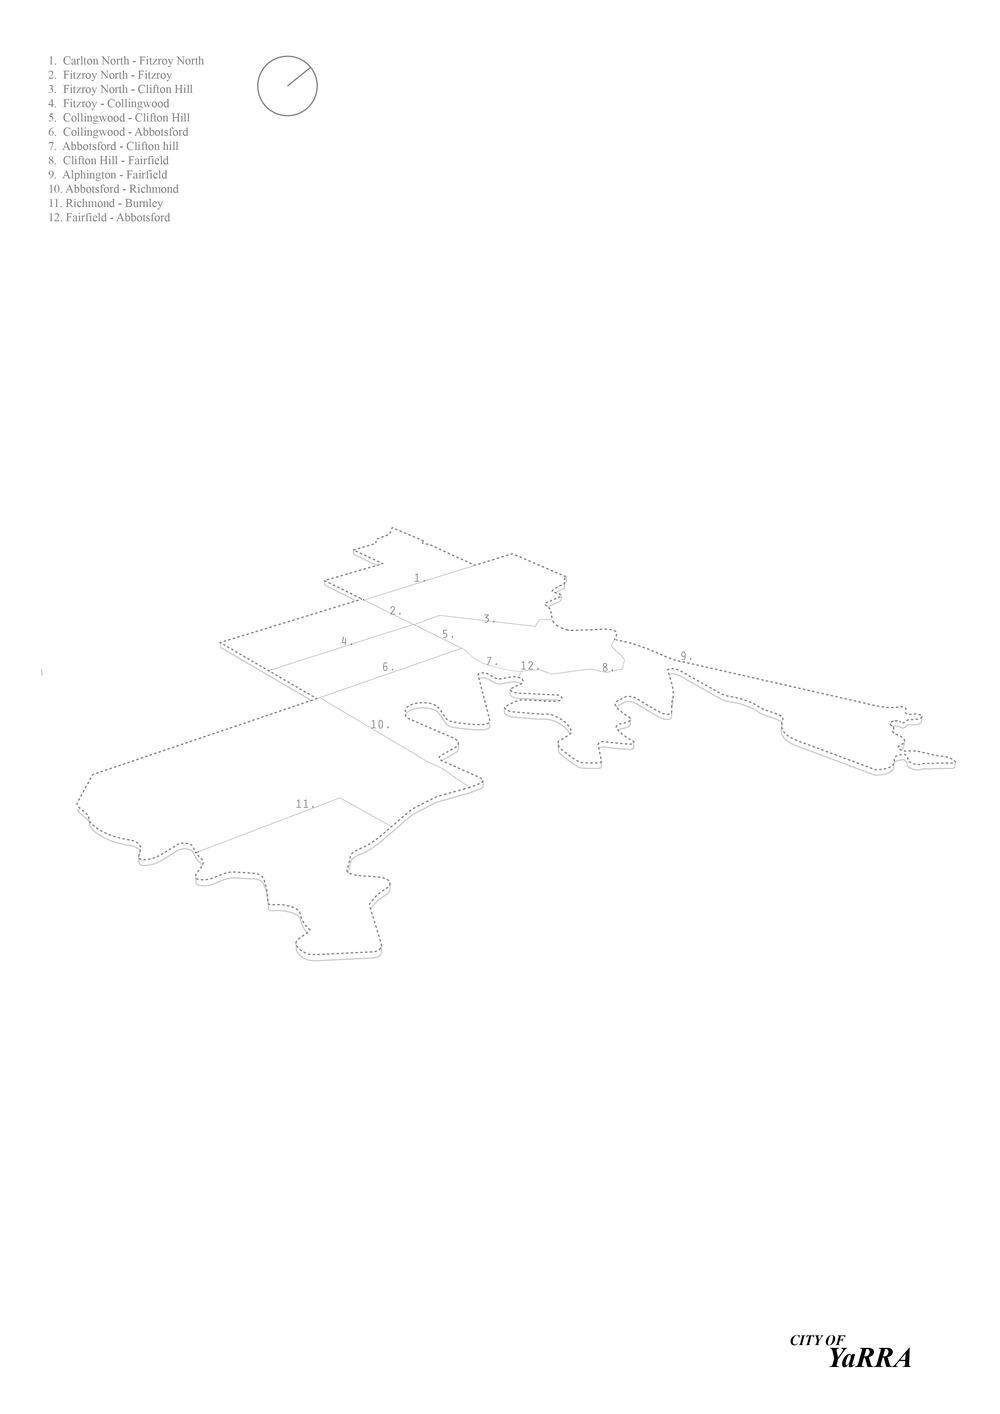 follies-map.jpg